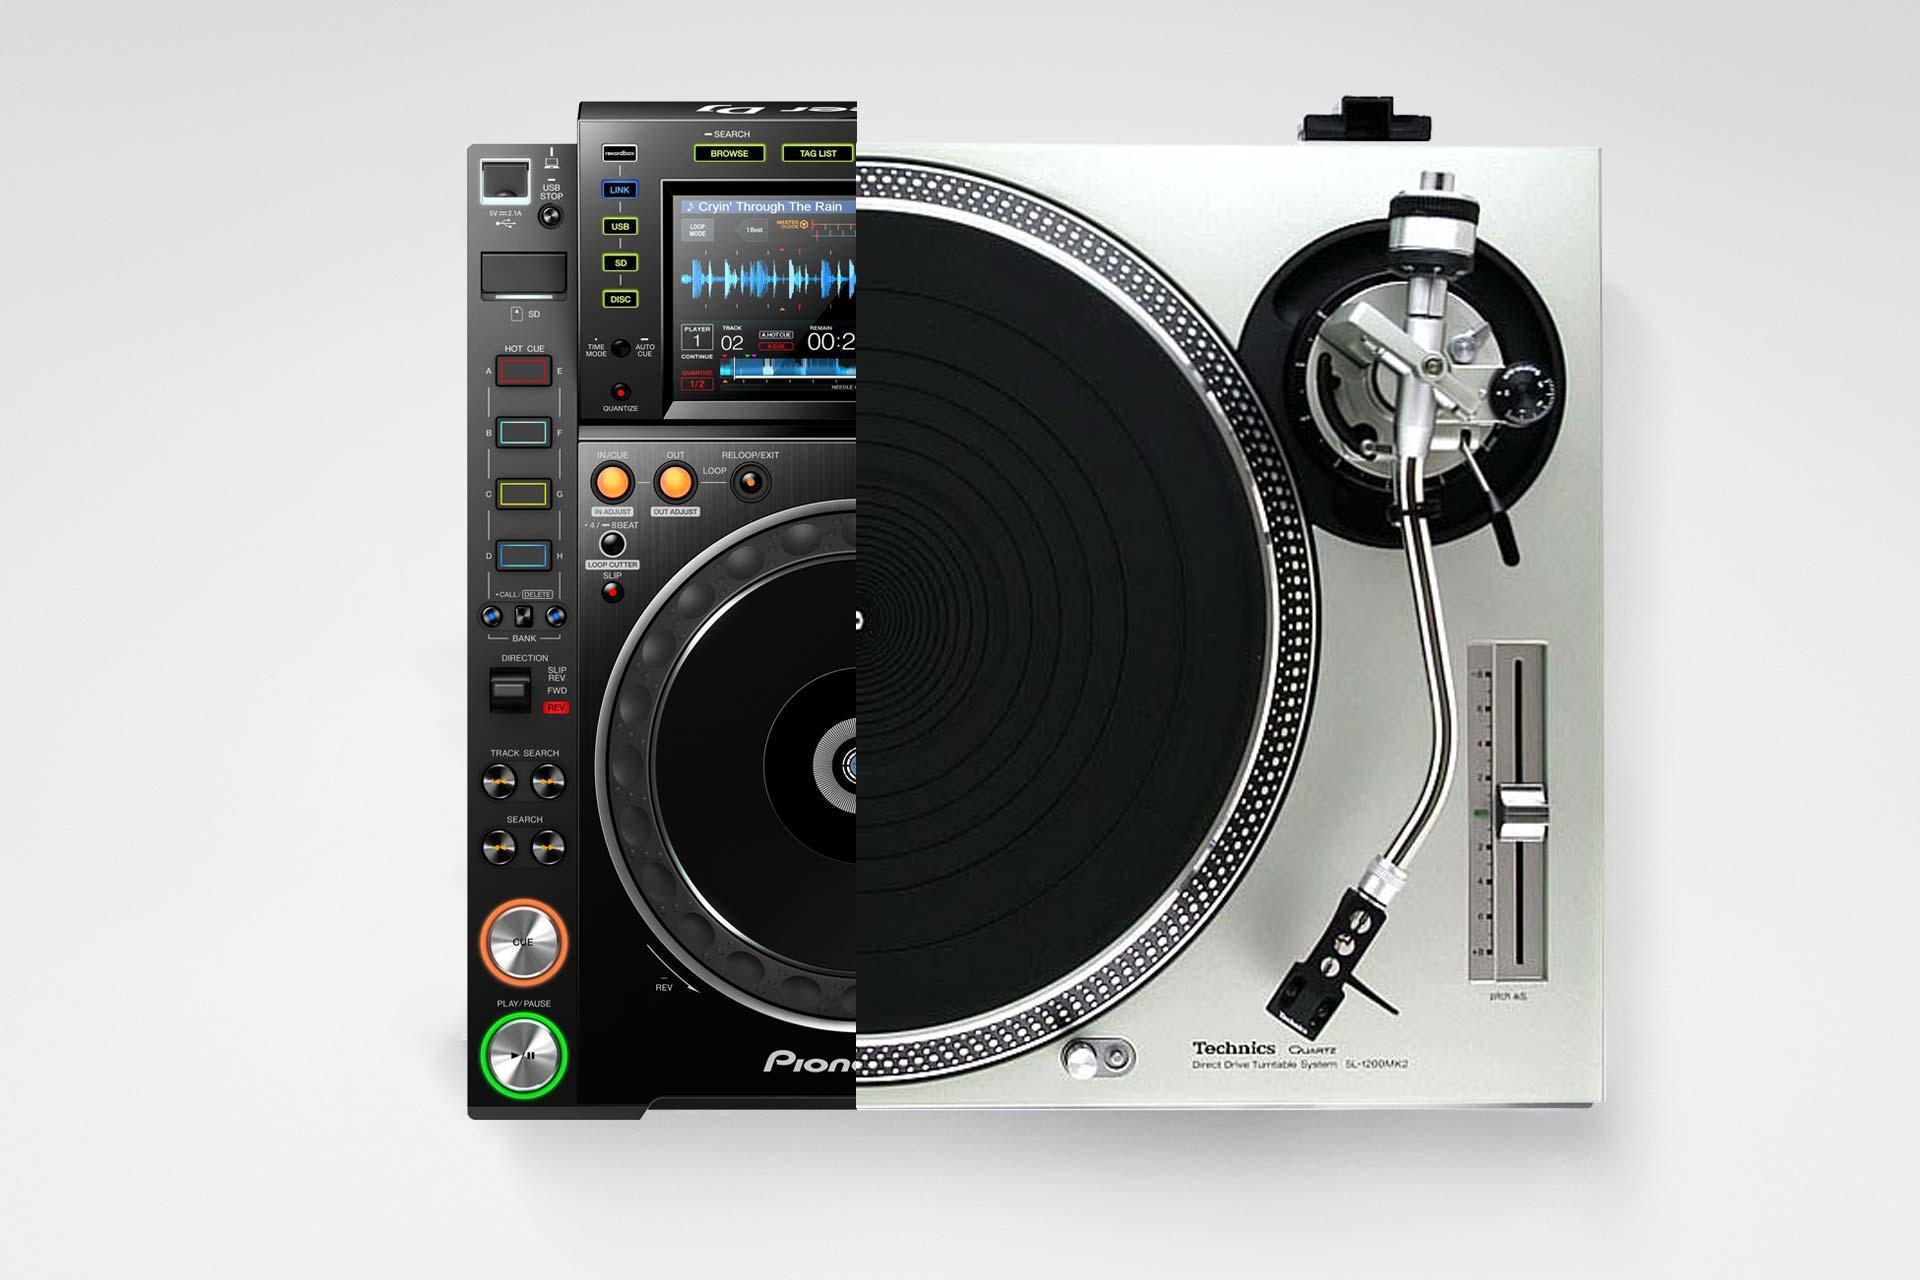 Der wohl niemals endende Streit zwischen Vinyl- und Digital-DJing